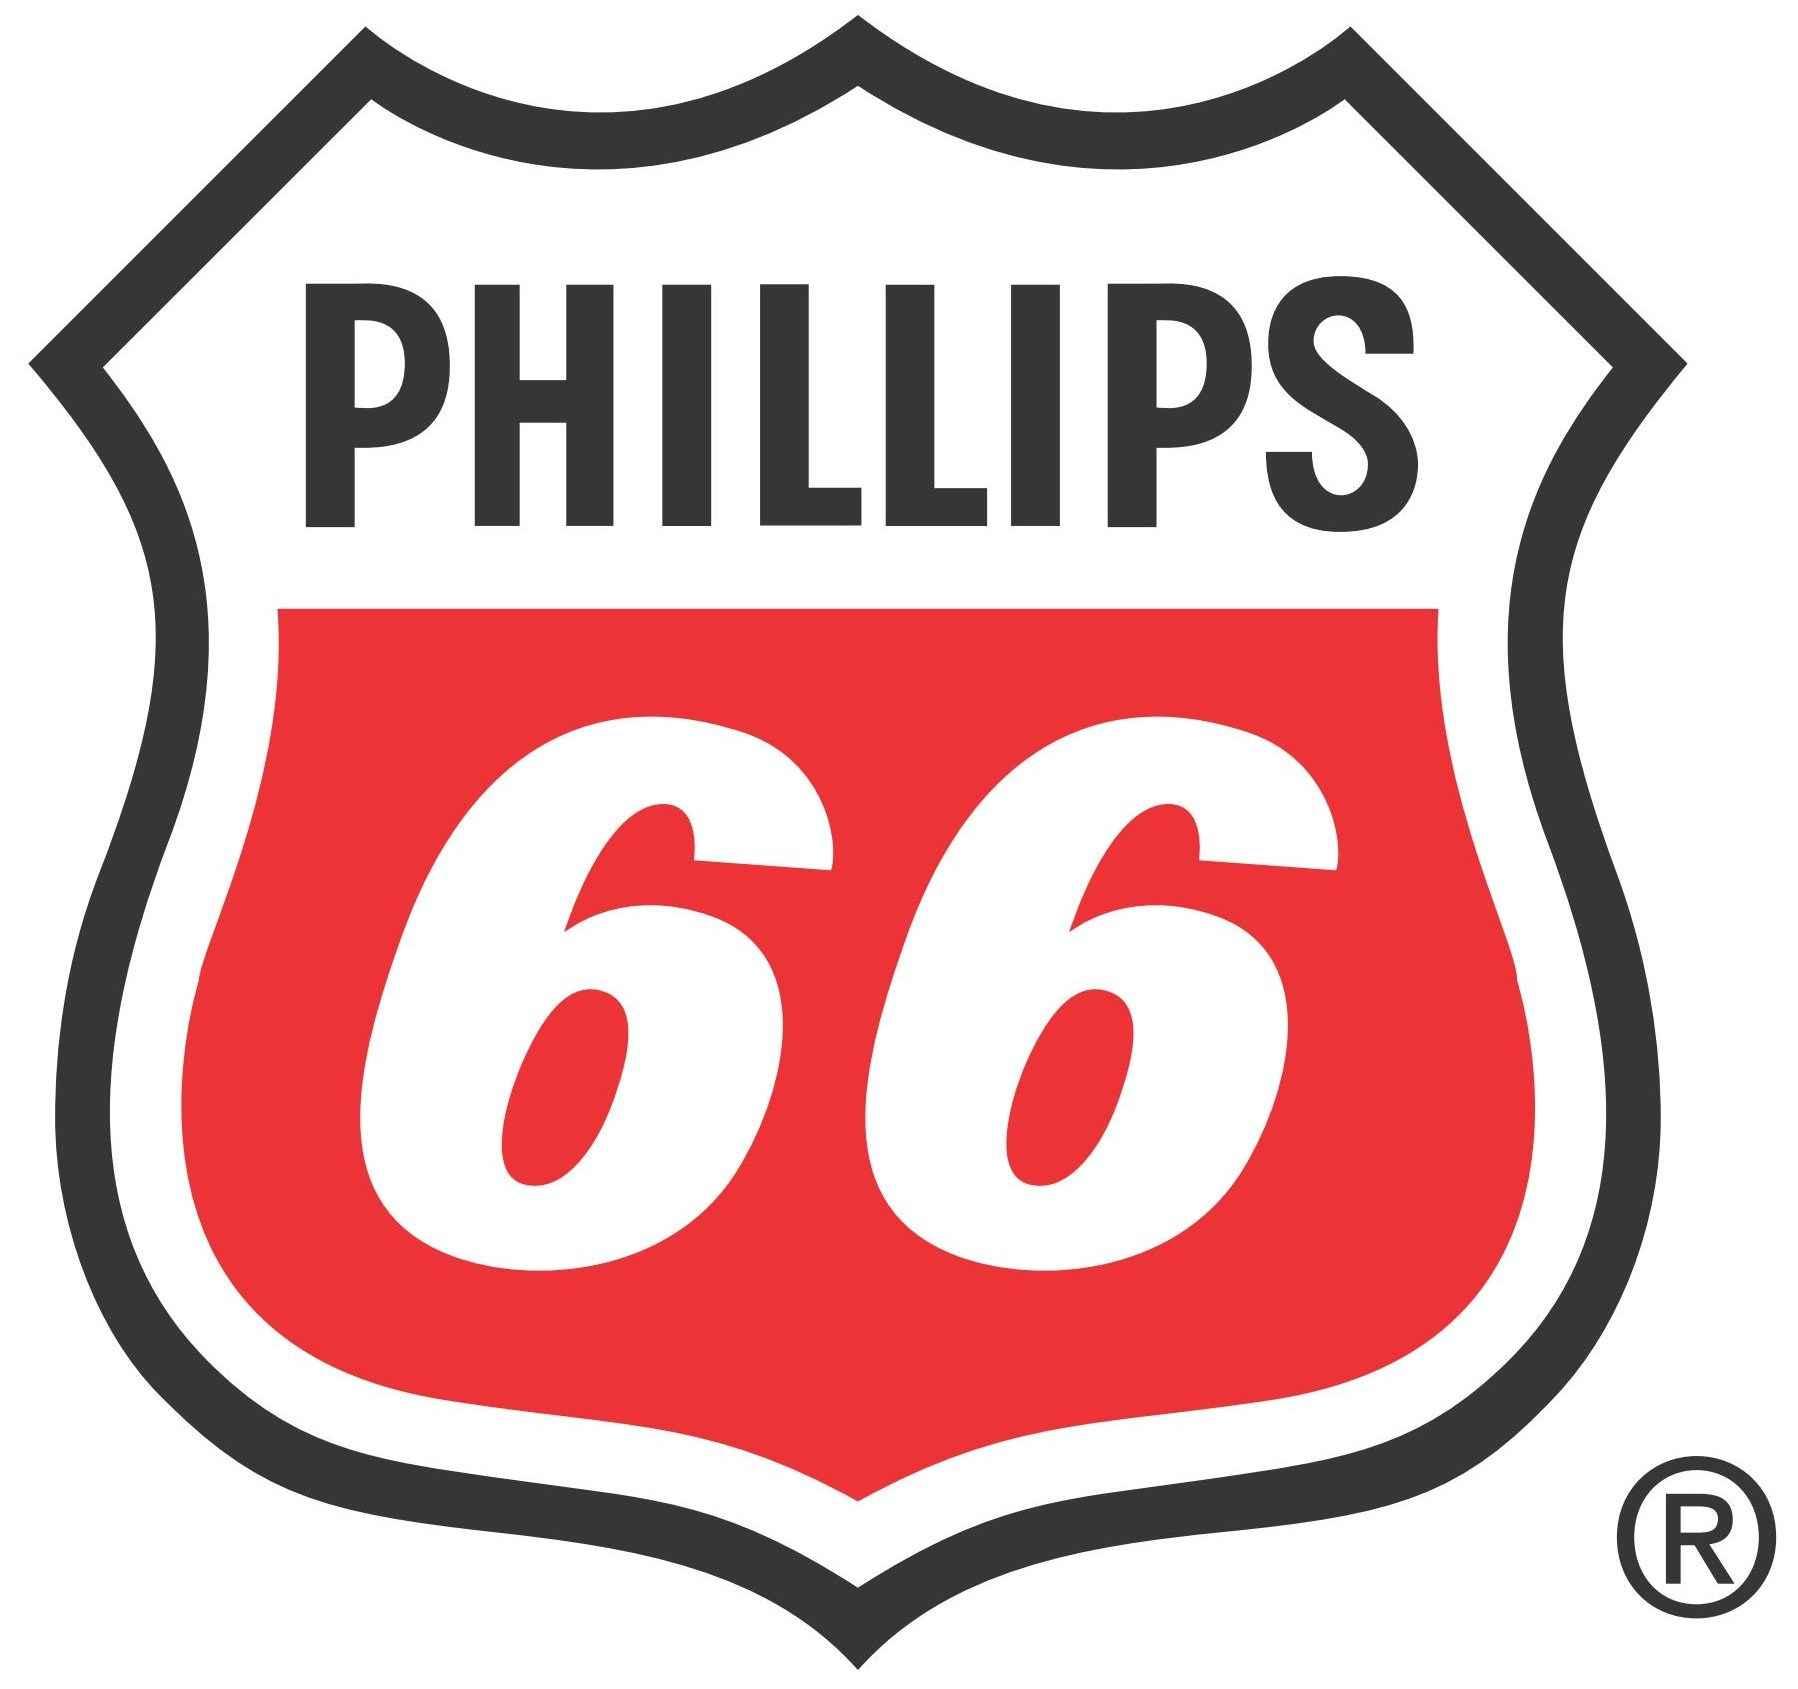 Phillips-66-Logo_01